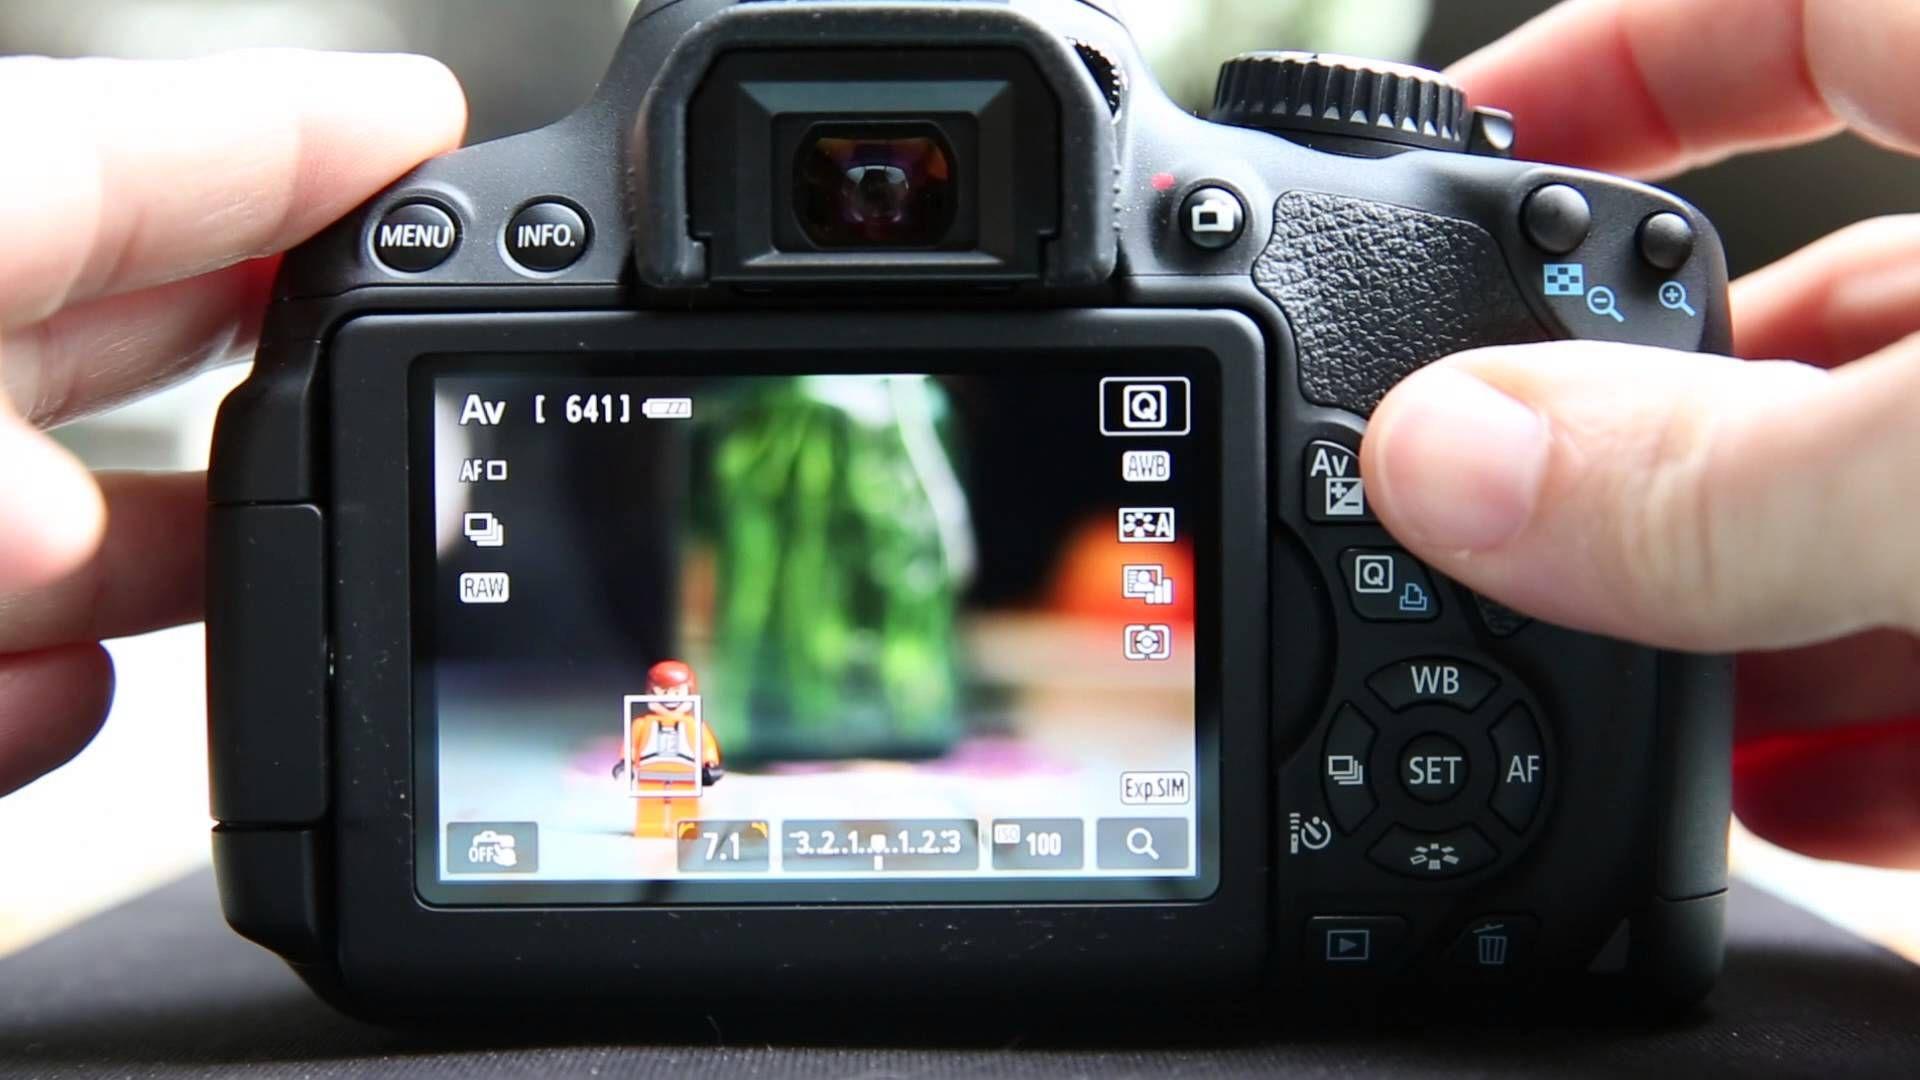 как пользоваться функциями на фотоаппарате кэнон иероглифы